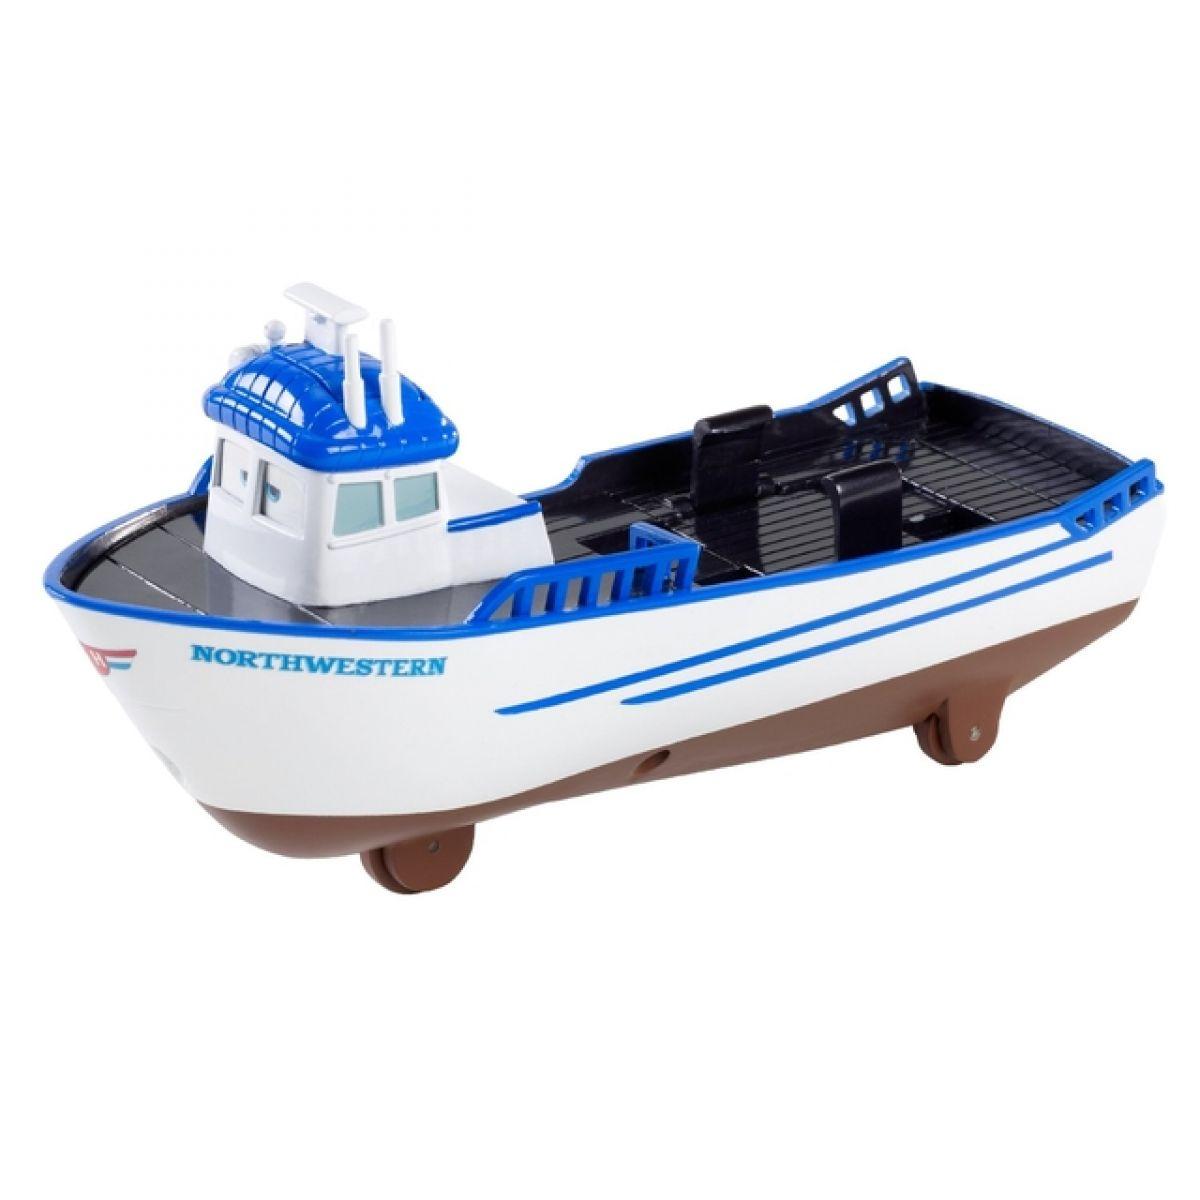 Cars Transportéry s měnitelnými prvky Mattel X0612 - Deluxe Crabby Boat